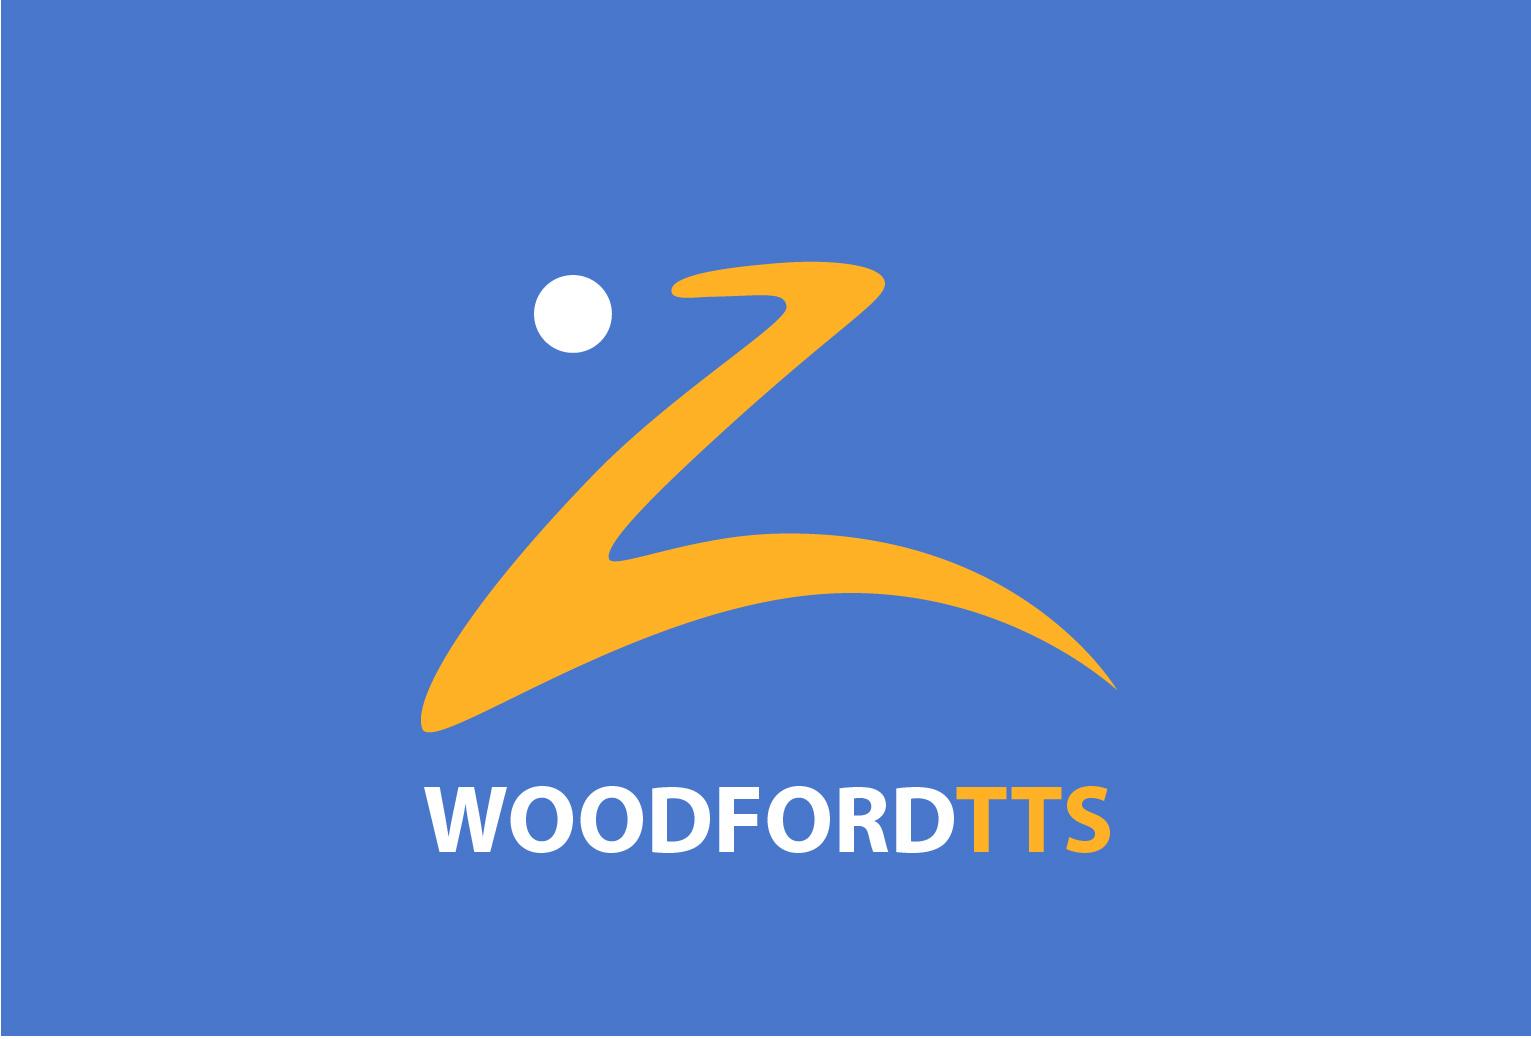 Woodford TTS logo